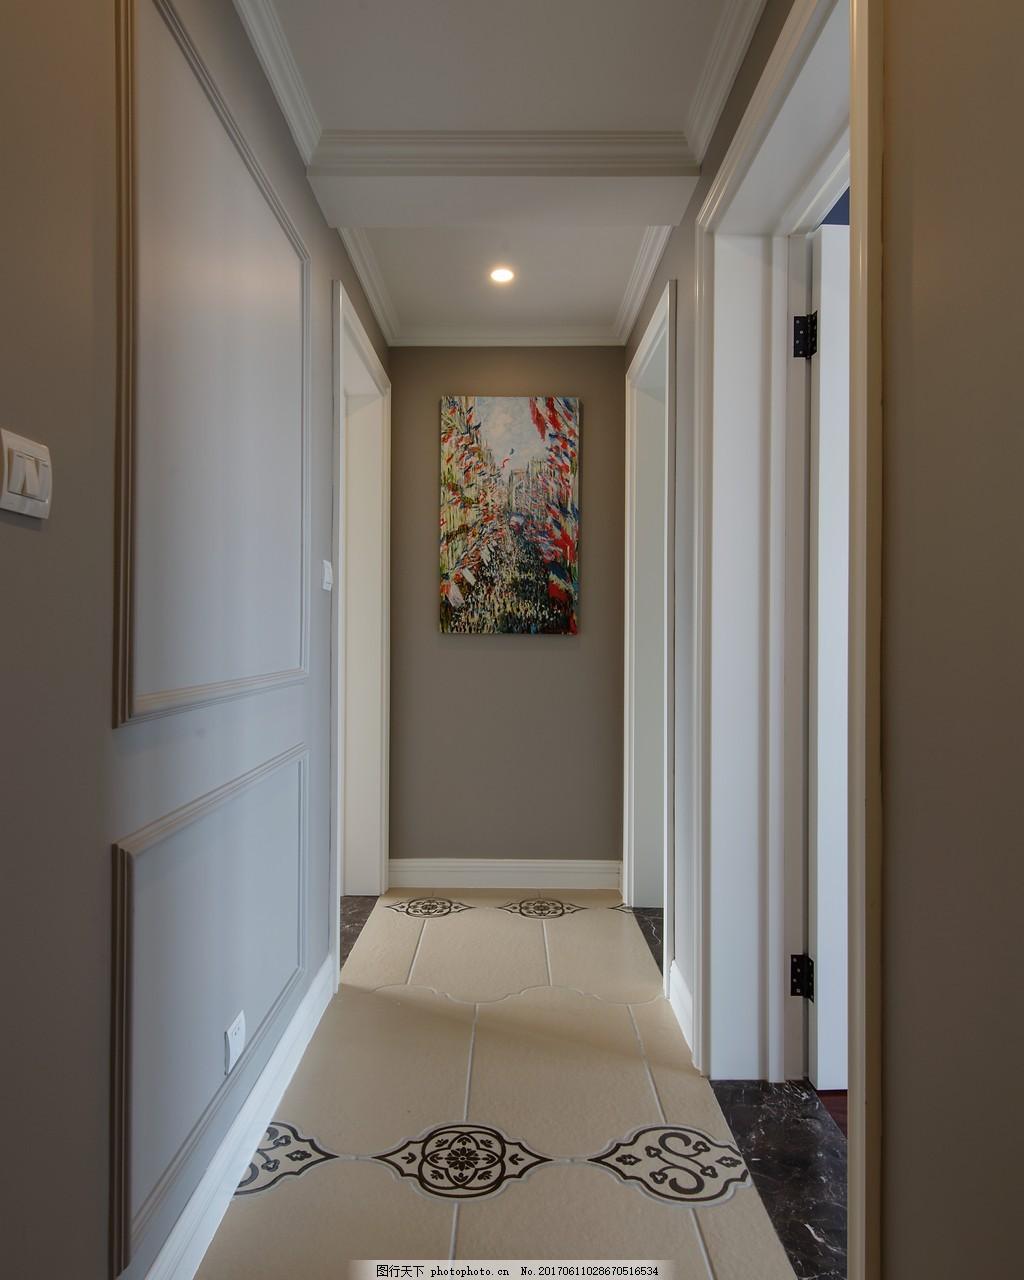 美式家居过道简装效果图 室内设计 家装效果图 美式装修效果图 时尚